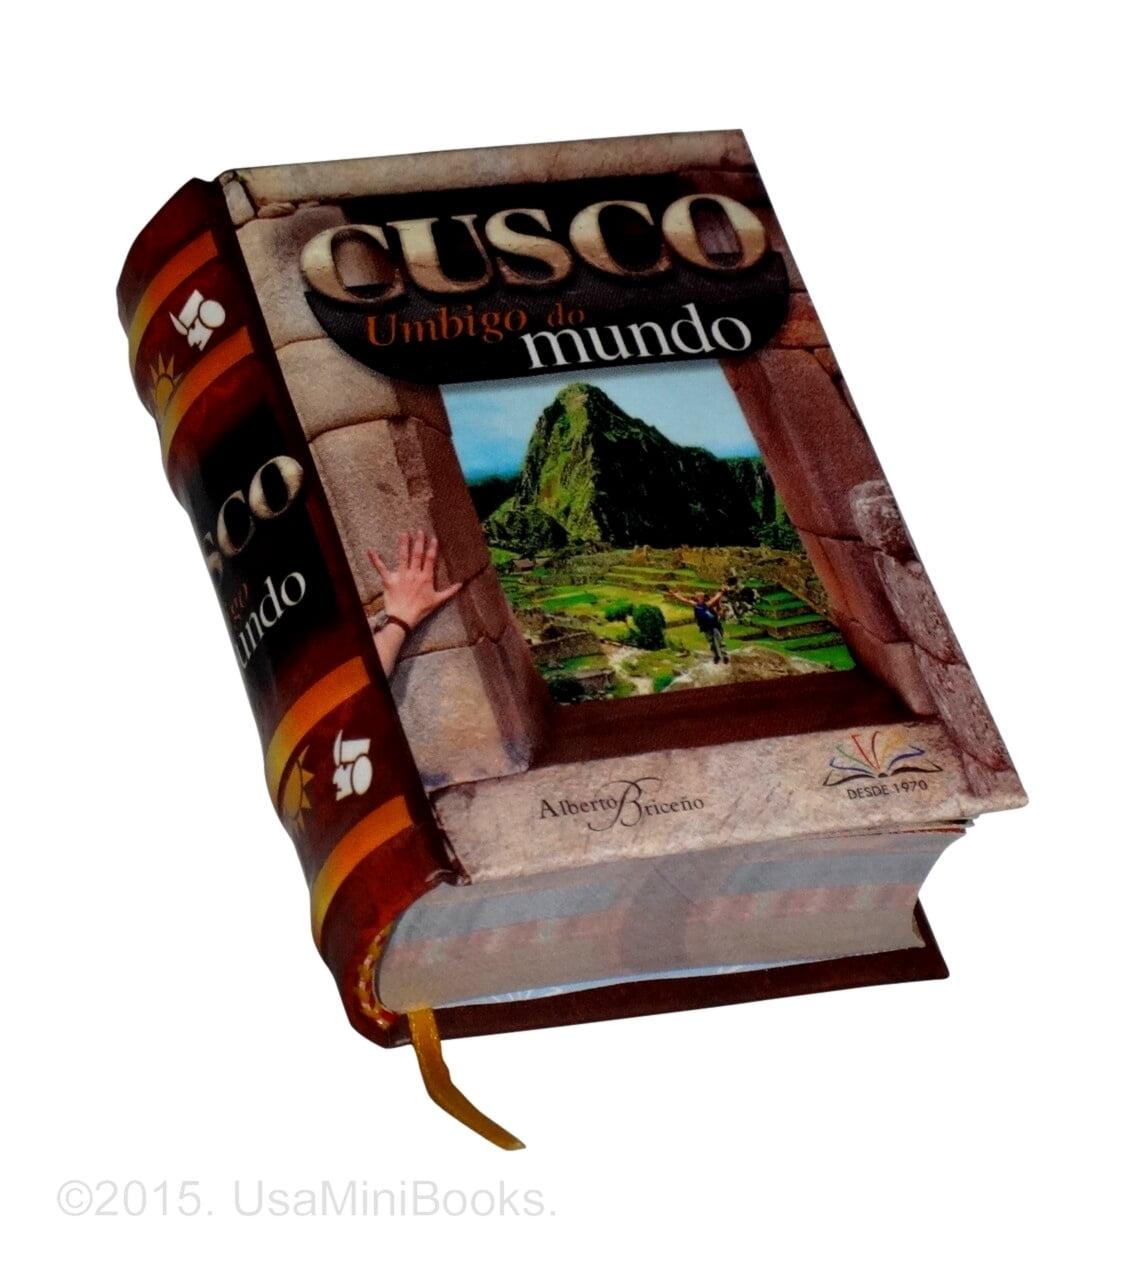 cusco-umbigo-do-mundo-miniature-book-libro